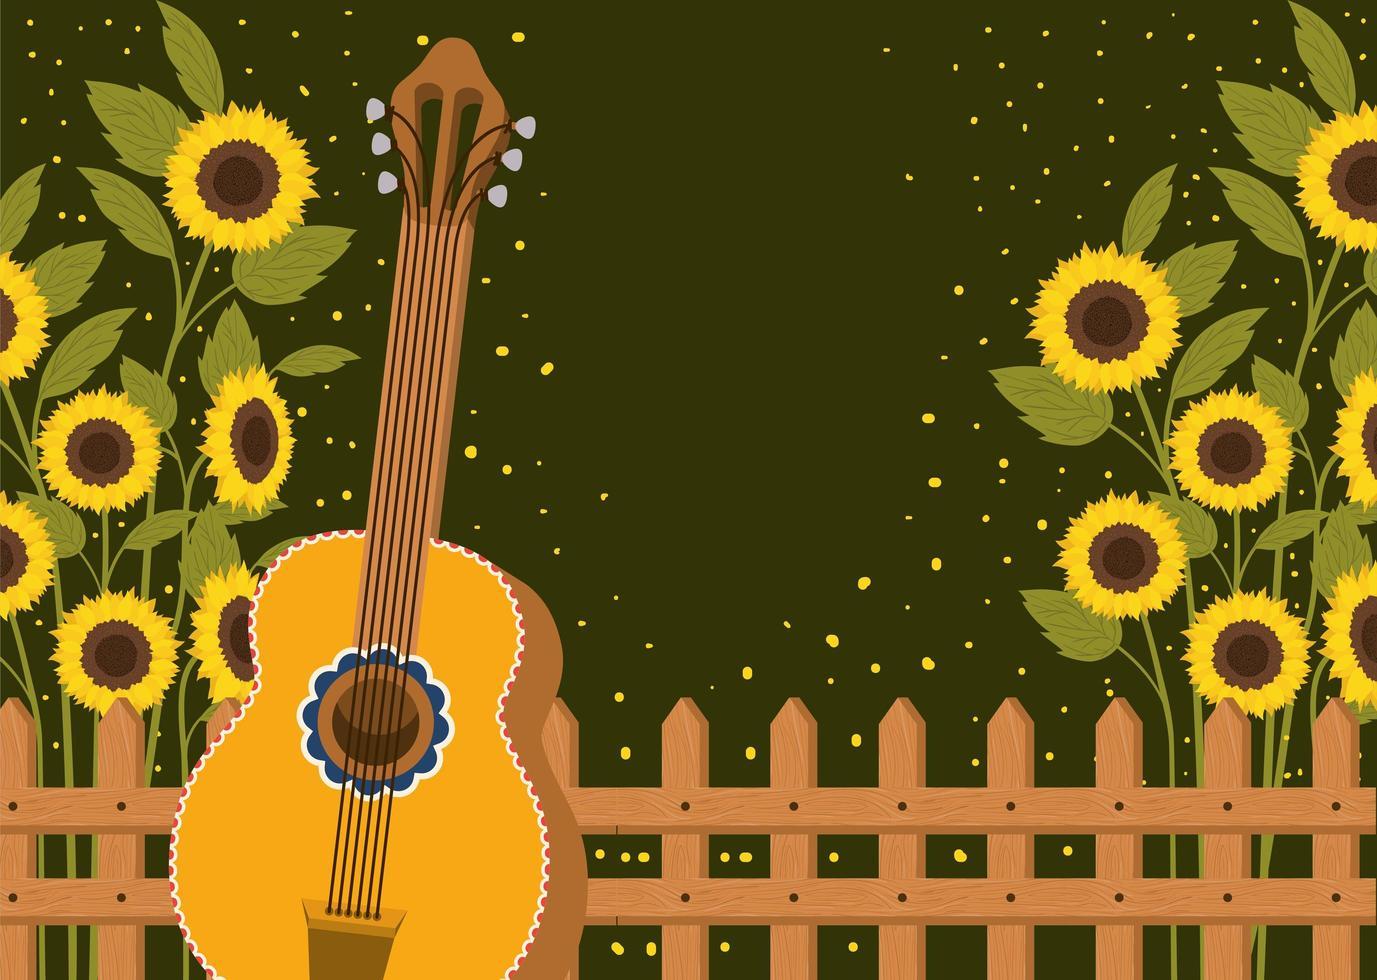 bellissimo giardino di girasoli con recinzione e chitarra vettore